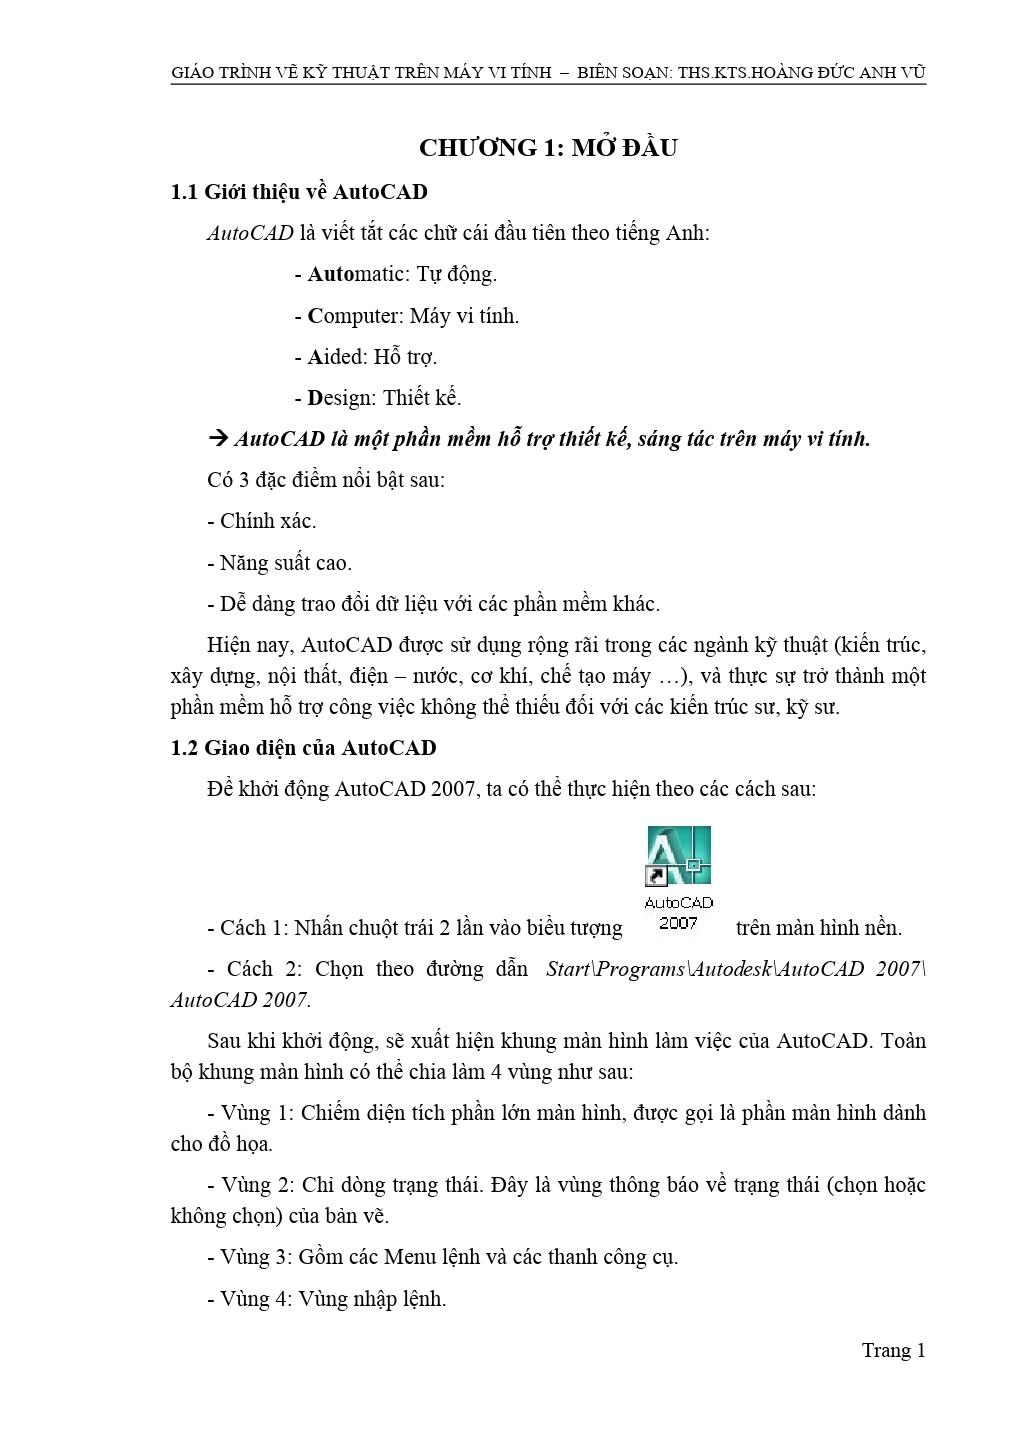 GIÁO TRÌNH VẼ KỸ THUẬT TRÊN MÁY VI TÍNH – BIÊN SOẠN: THS.KTS.HOÀNG ĐỨC ANH VŨ